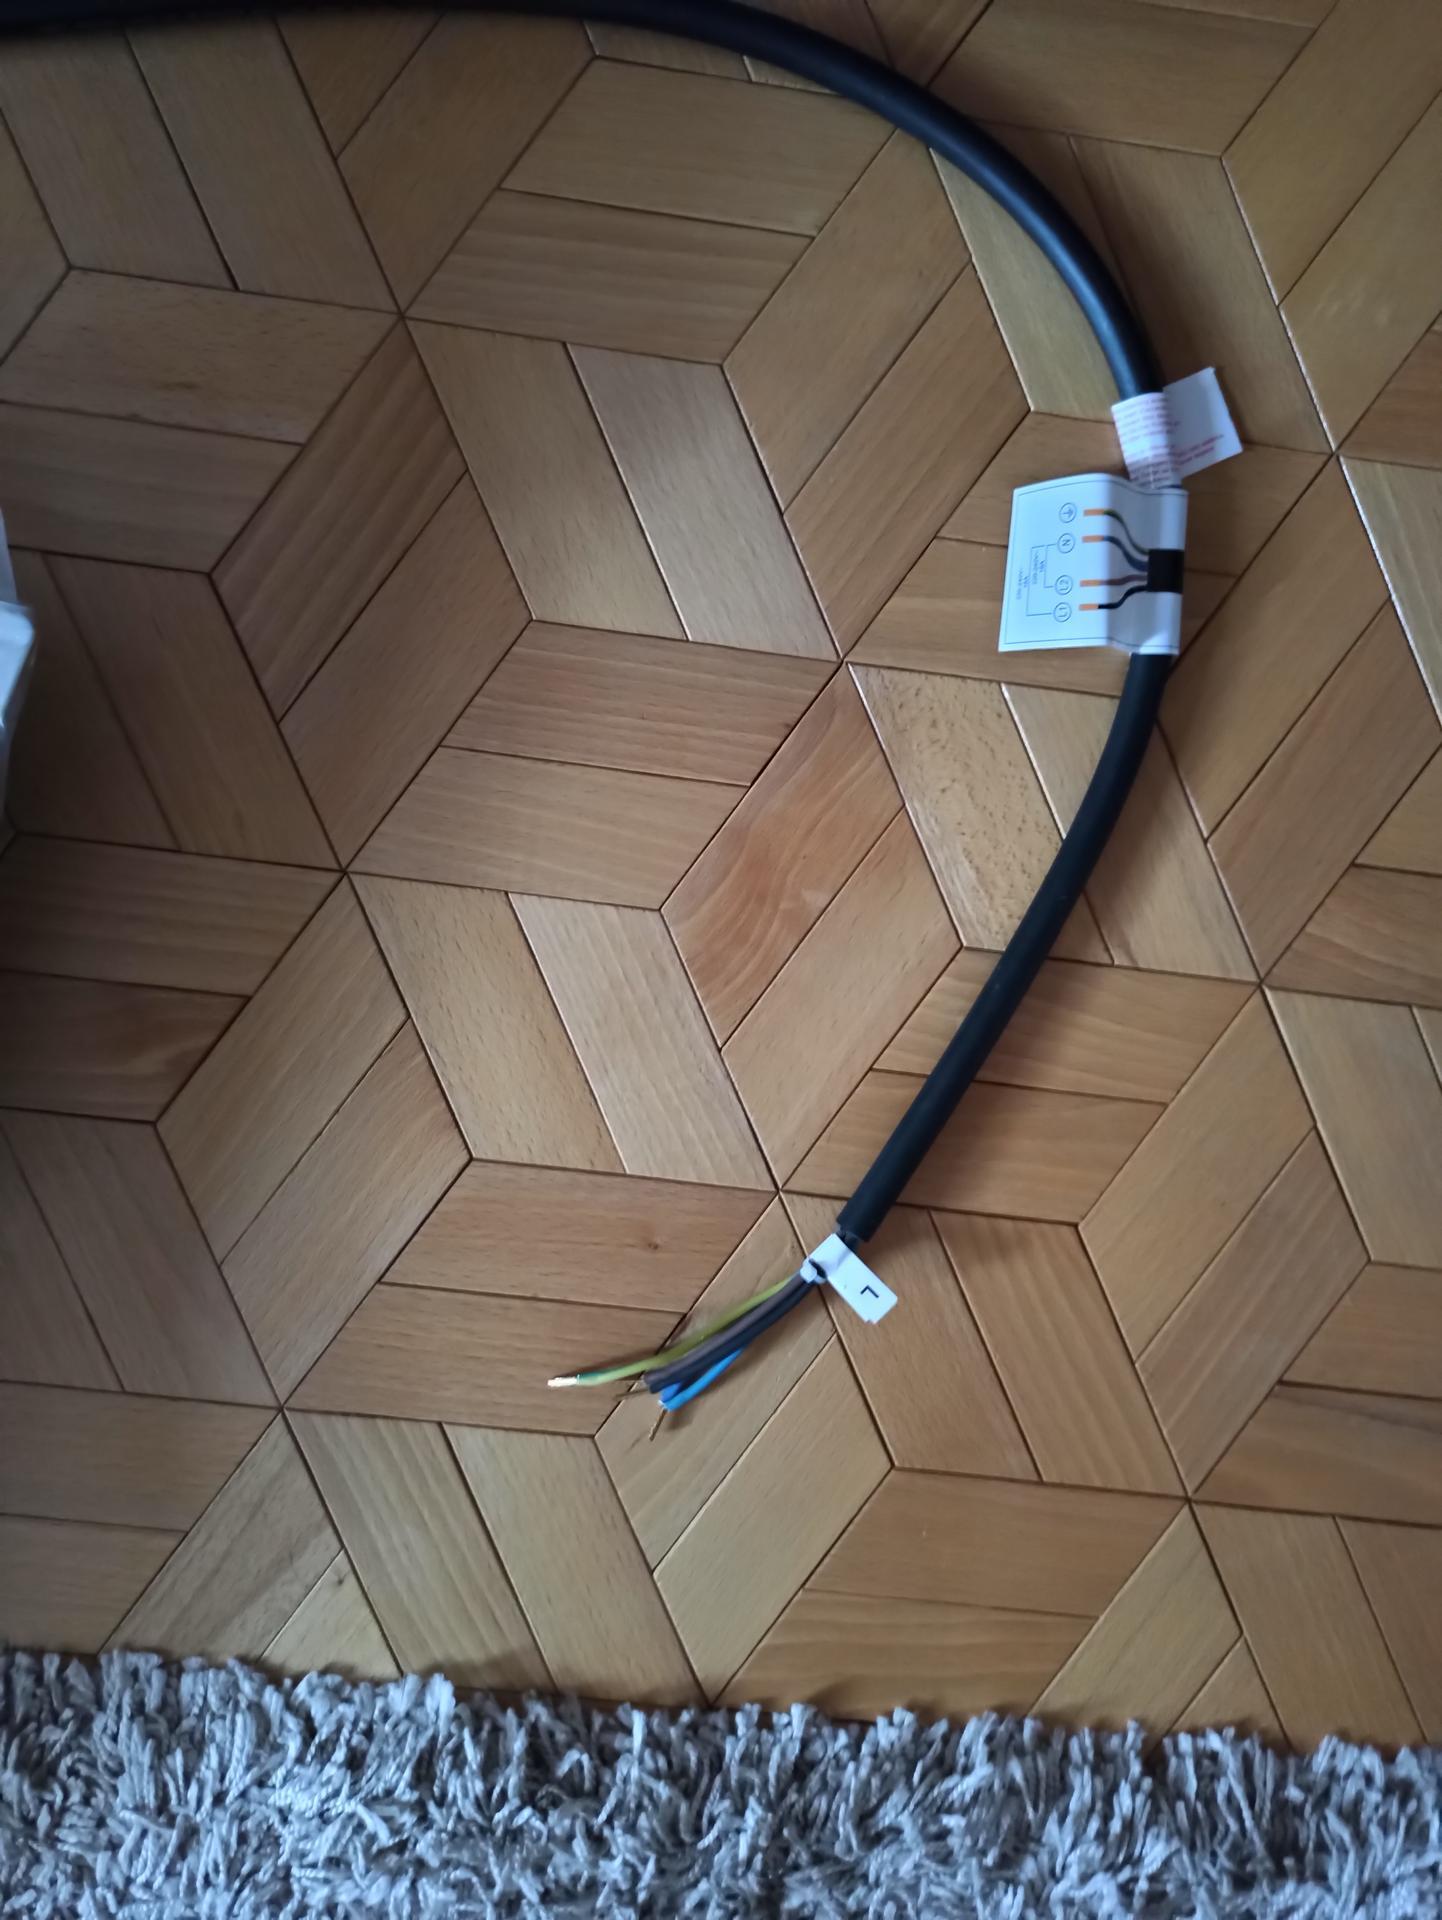 Ahojte, kúpili sme indukciu a takýto má kábel bez koncovky..to tak býva? Ďakujem - Obrázok č. 1